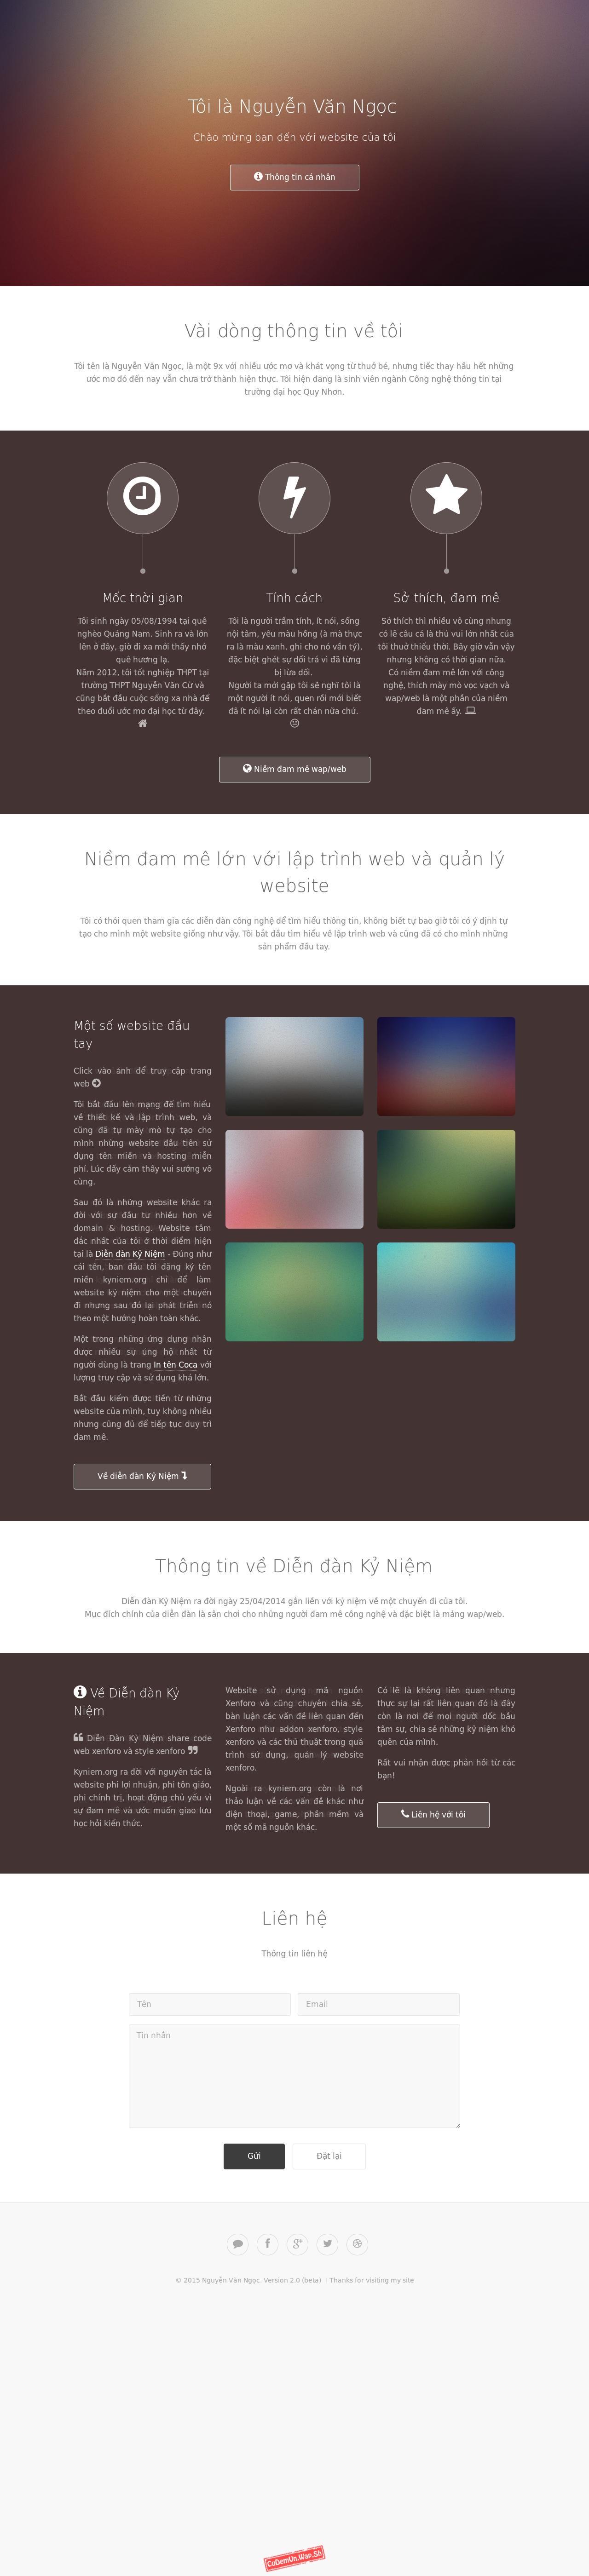 Share code HTML Web giới thiệu bản thân responsive cực đẹp bởi KyNiem.Org